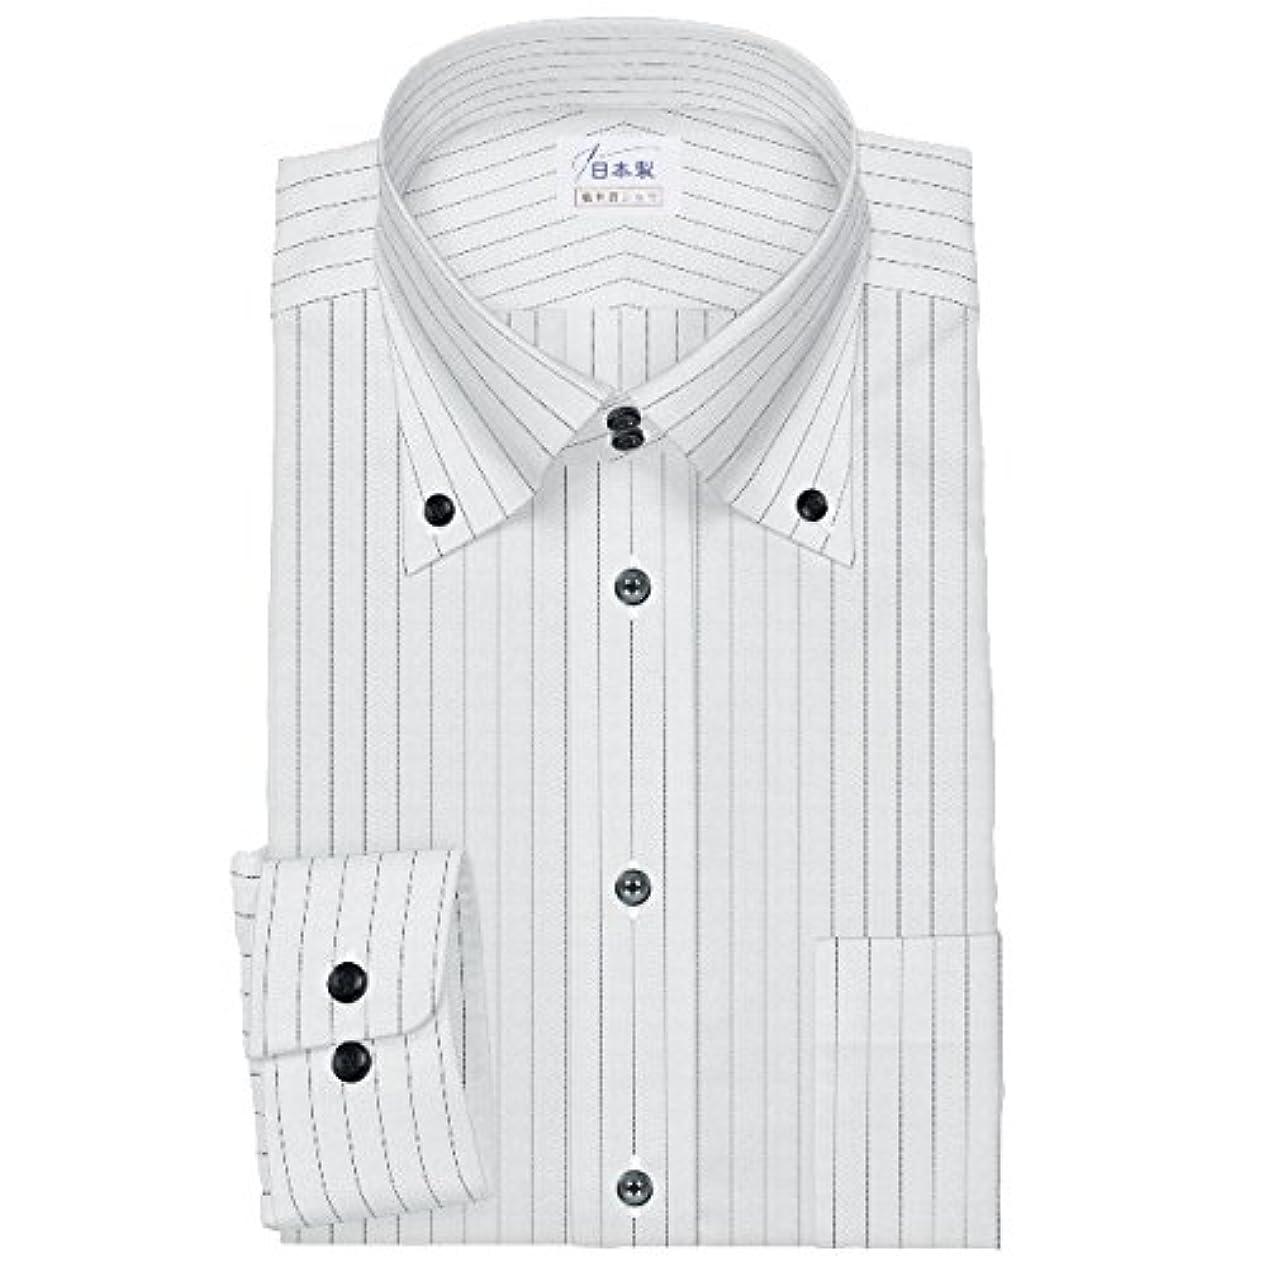 宴会性能シガレットワイシャツ 軽井沢シャツ [A10KZB672] ボタンダウン ドゥエボットーニ ブラックペンシルストライプ 形態安定 らくらくオーダー受注生産商品